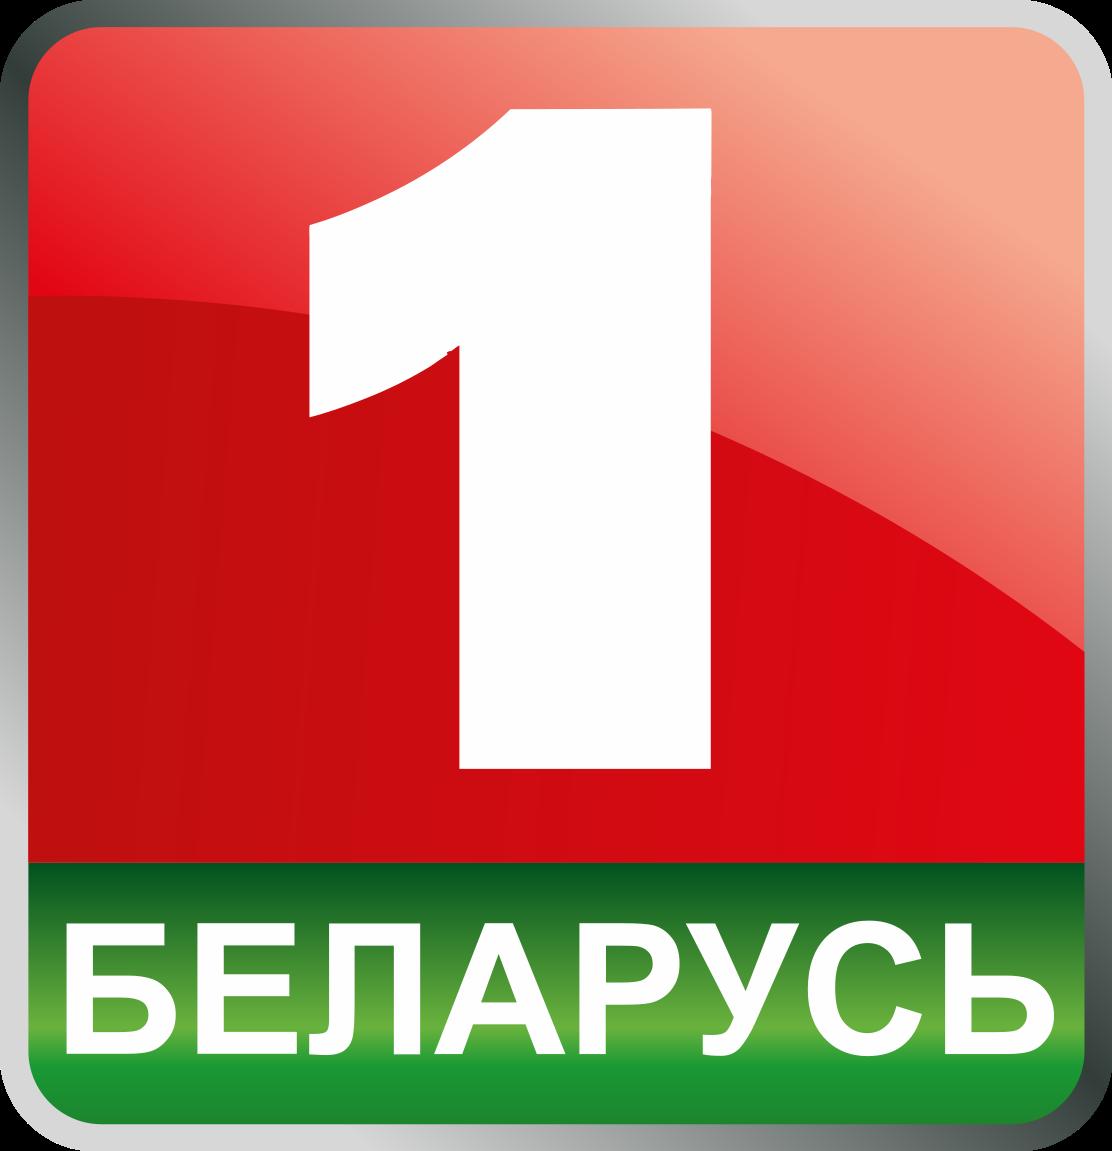 http://images.wikia.com/tvpedia/ru/images/e/e3/%D0%91%D0%B5%D0%BB%D0%B0%D1%80%D1%83%D1%81%D1%8C-1.png